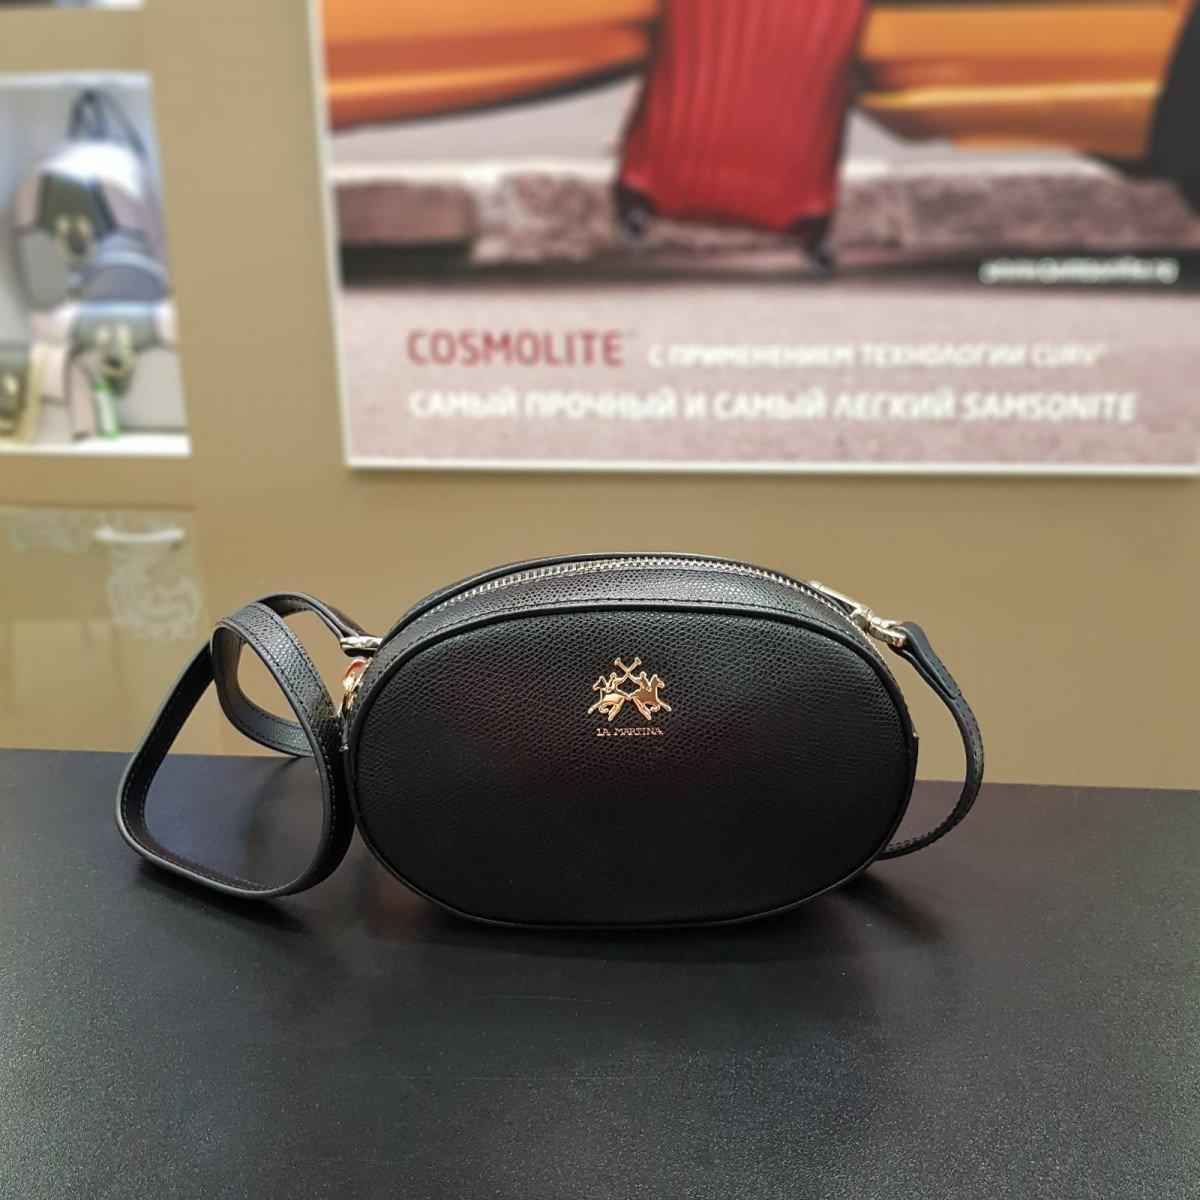 Женская кожаная сумка La Martina 41W336 O0005 black из натуральной кожи